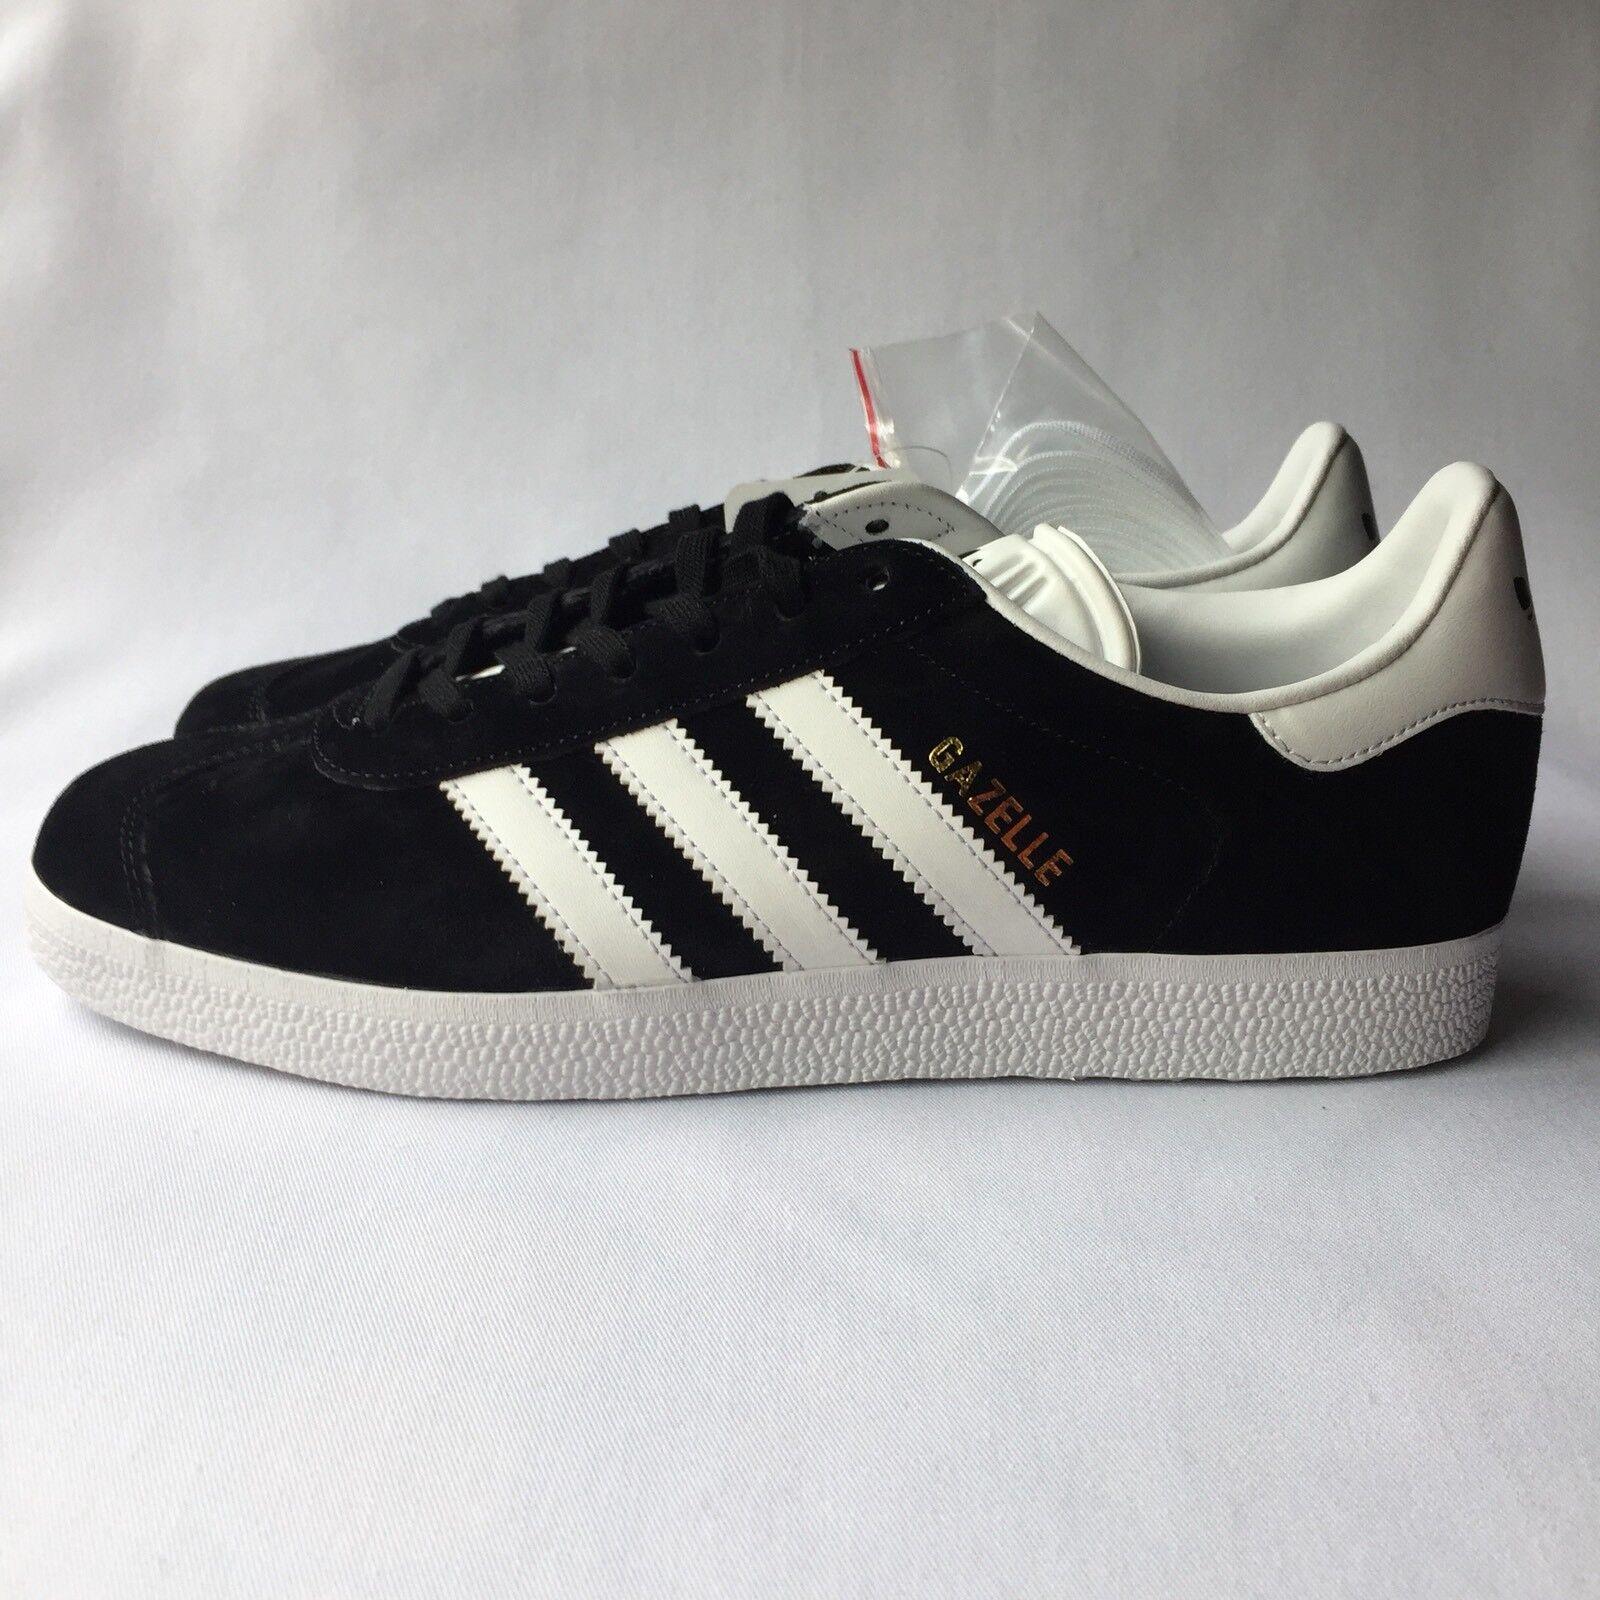 adidas originals gazelle frauen - turnschuhe, schwarz / ba9595 weiß - größe 8,5 ba9595 / c46db4